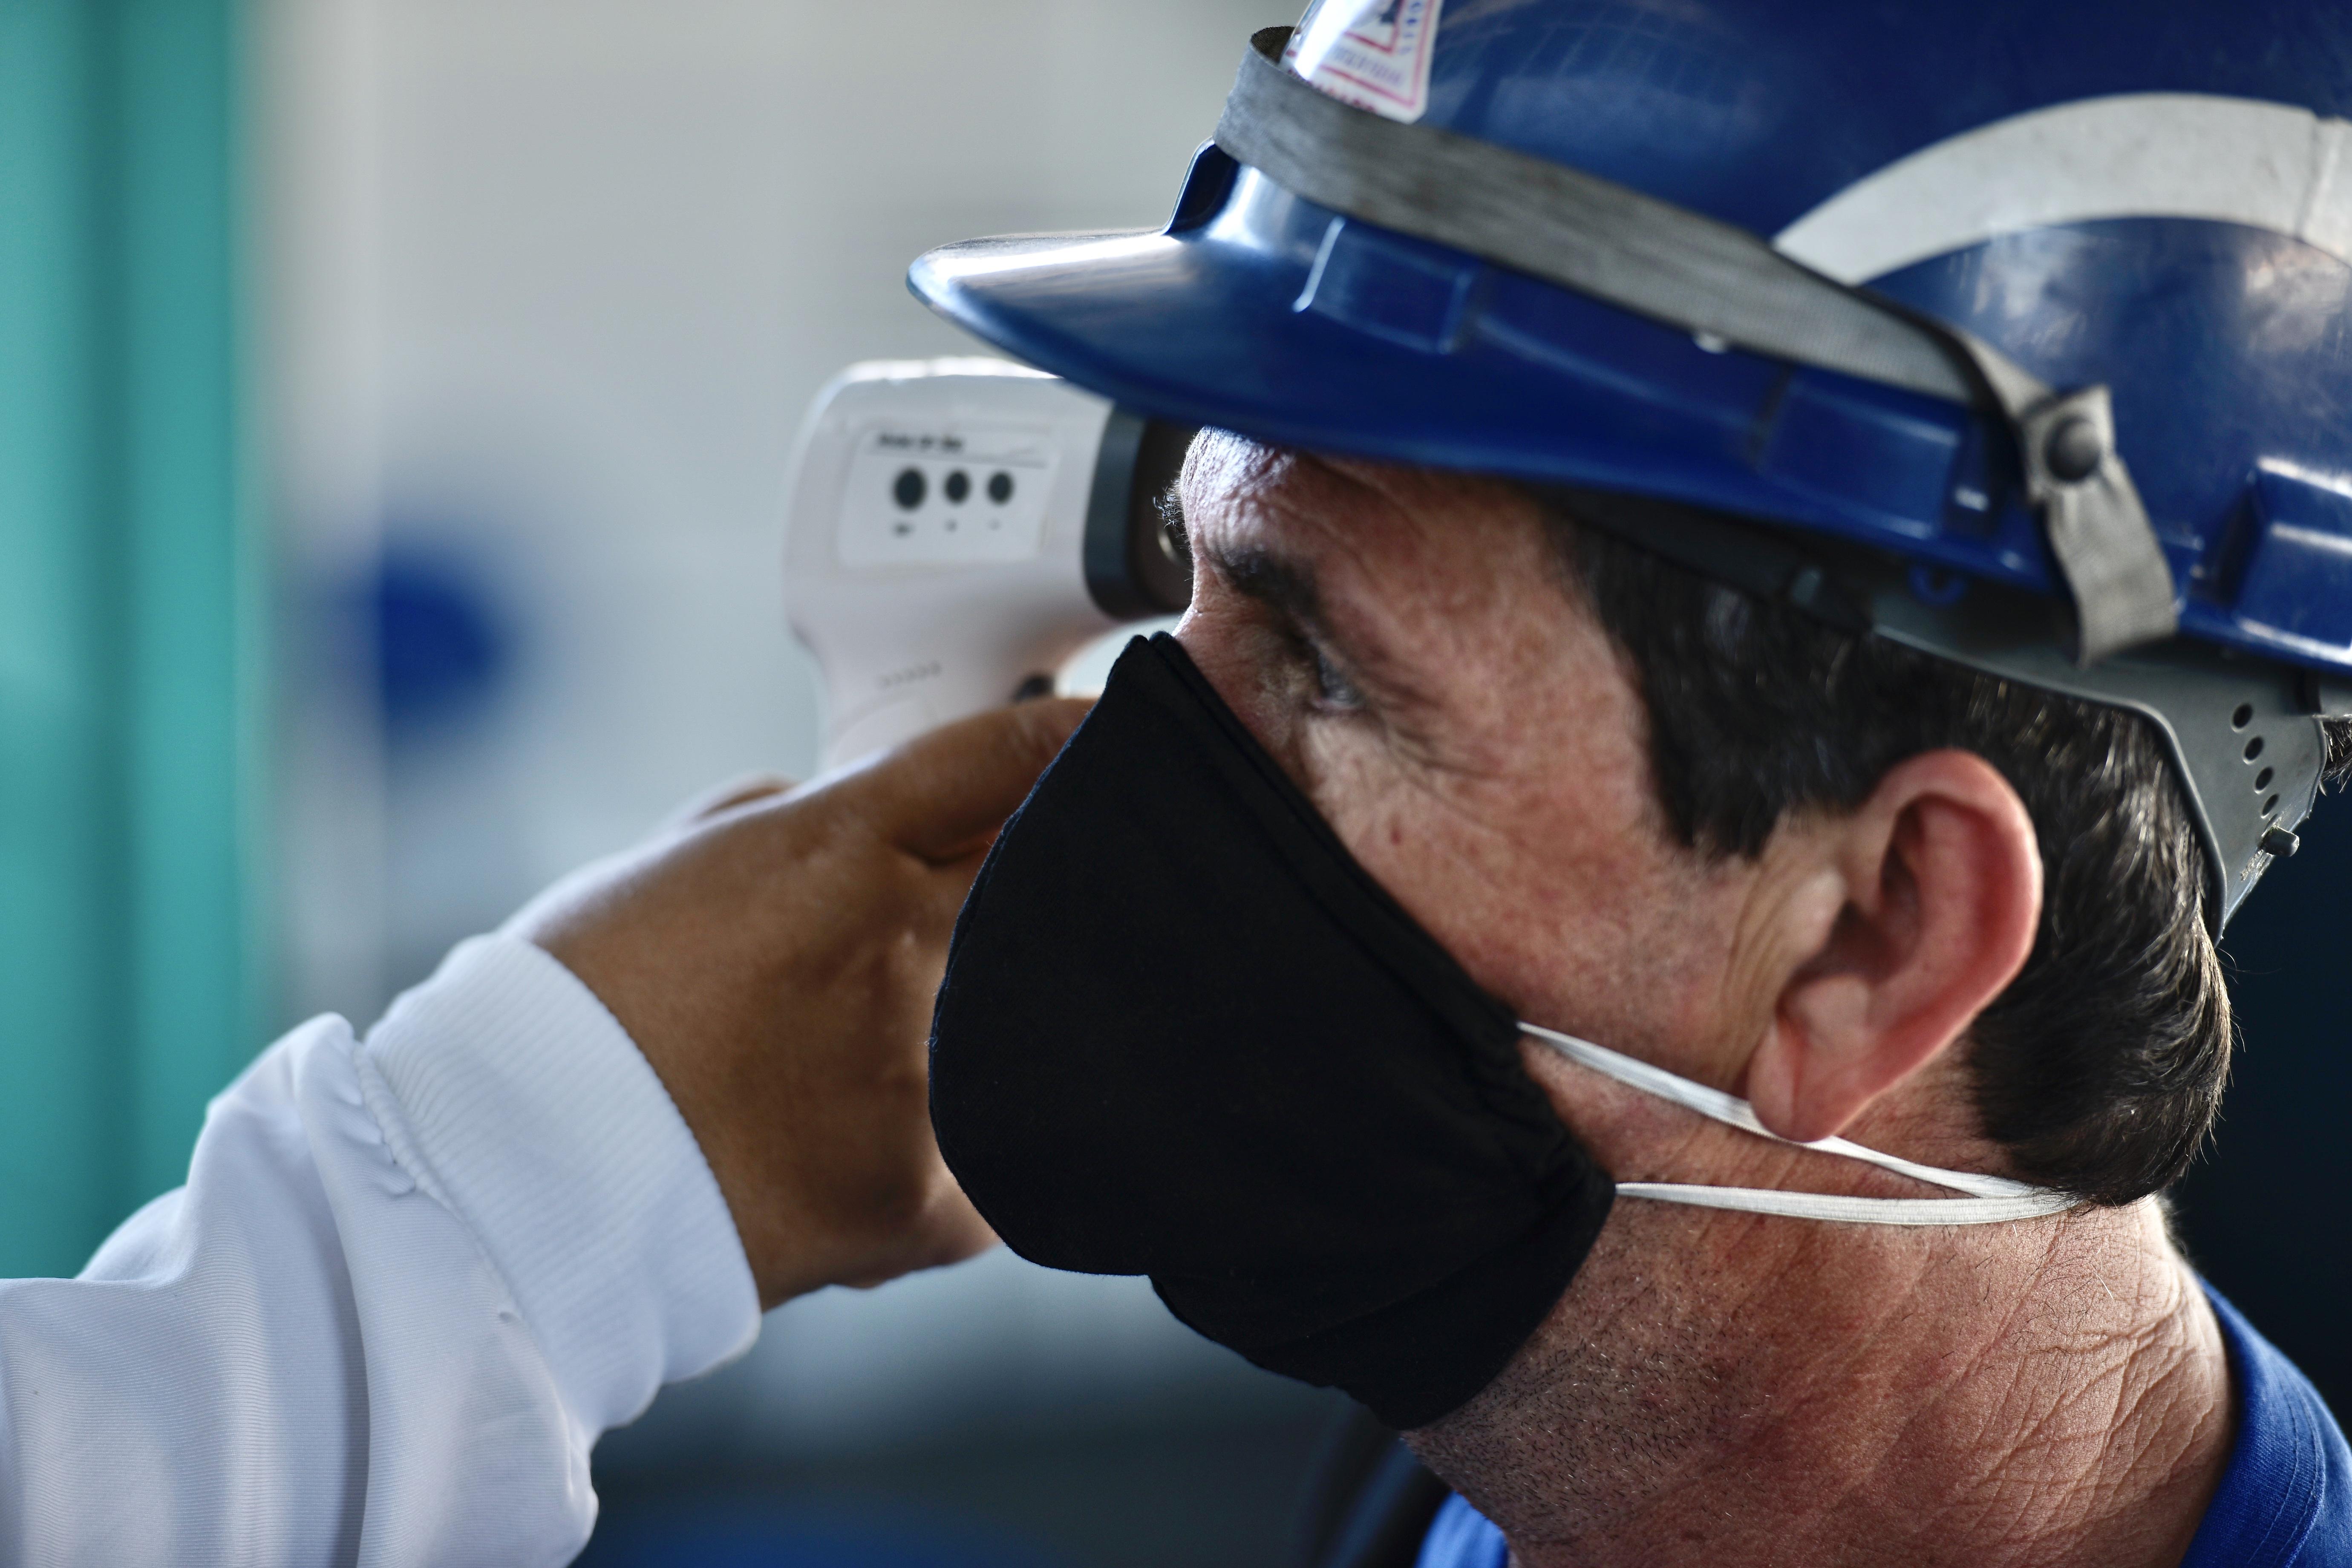 Empresa Portos do Paraná se destacou na prevenção à Covid em 2020